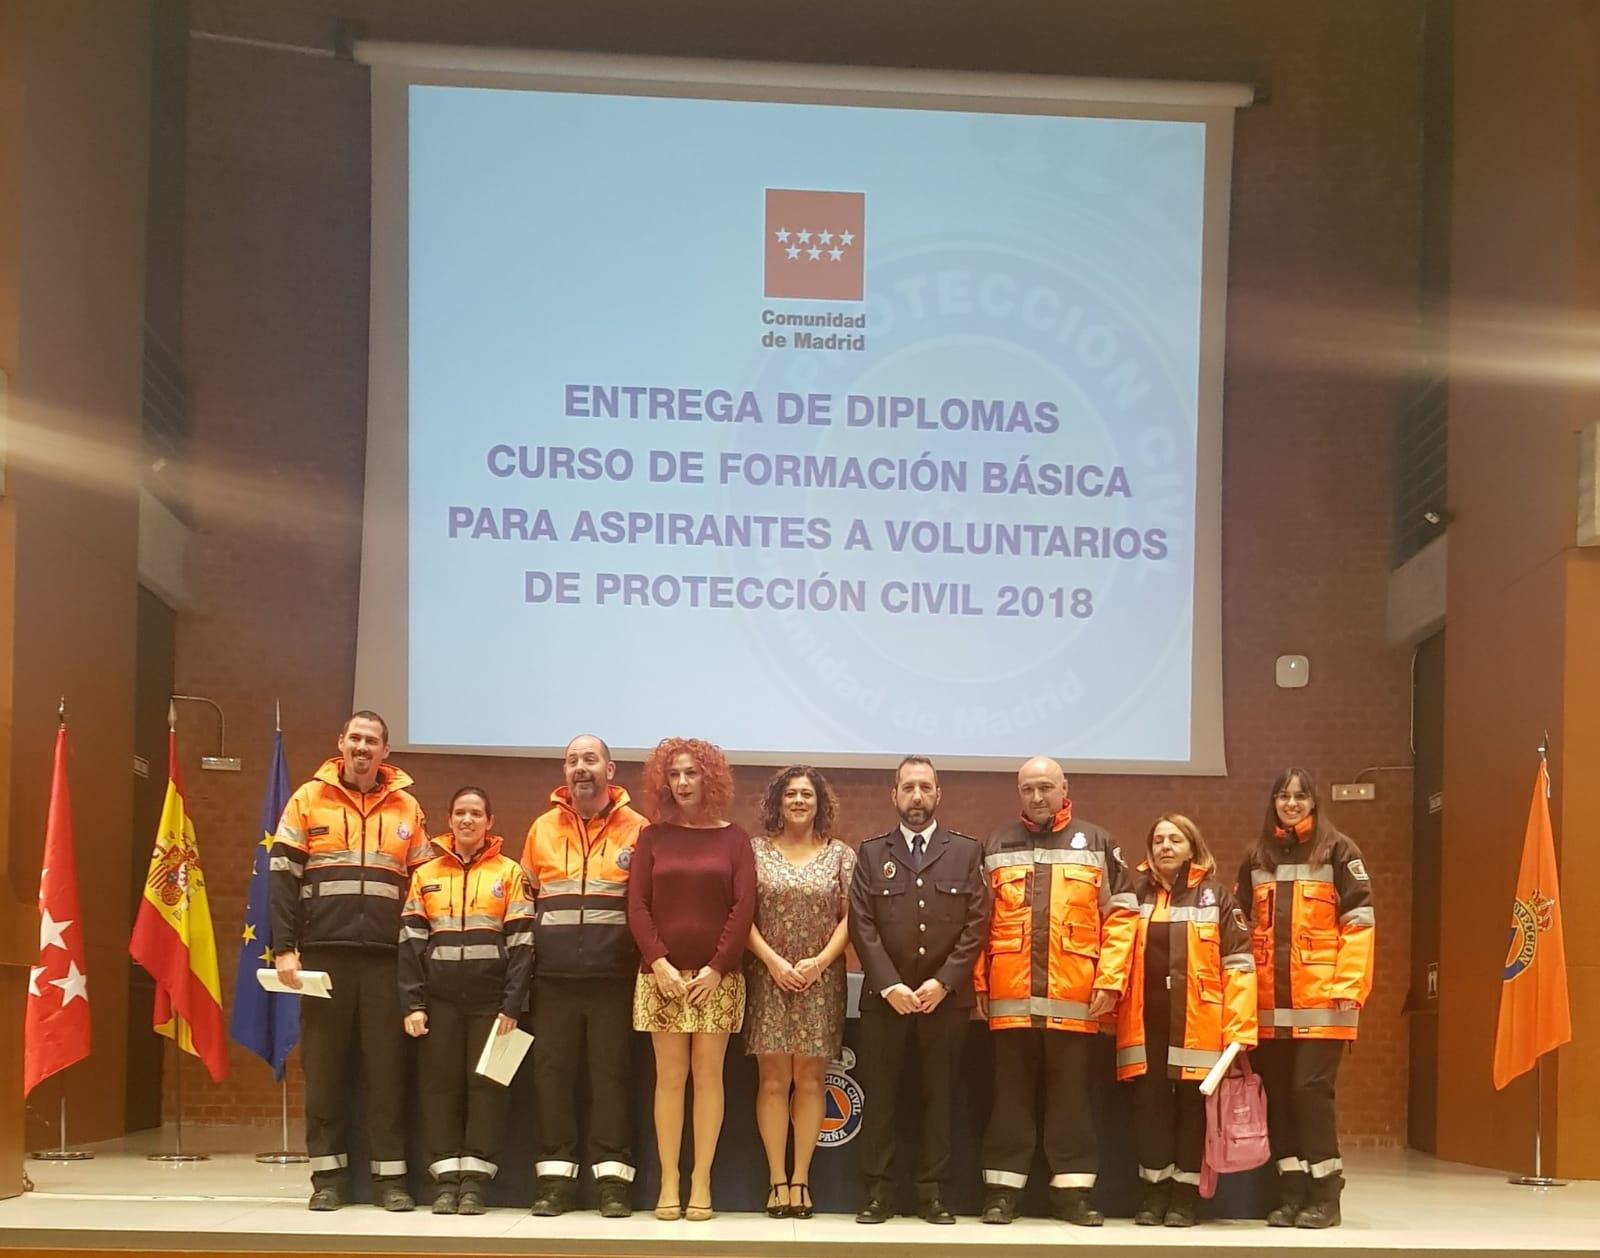 Seis alumnos de la Agrupación Protección Civil Velilla recibieron los diplomas como nuevos voluntarios